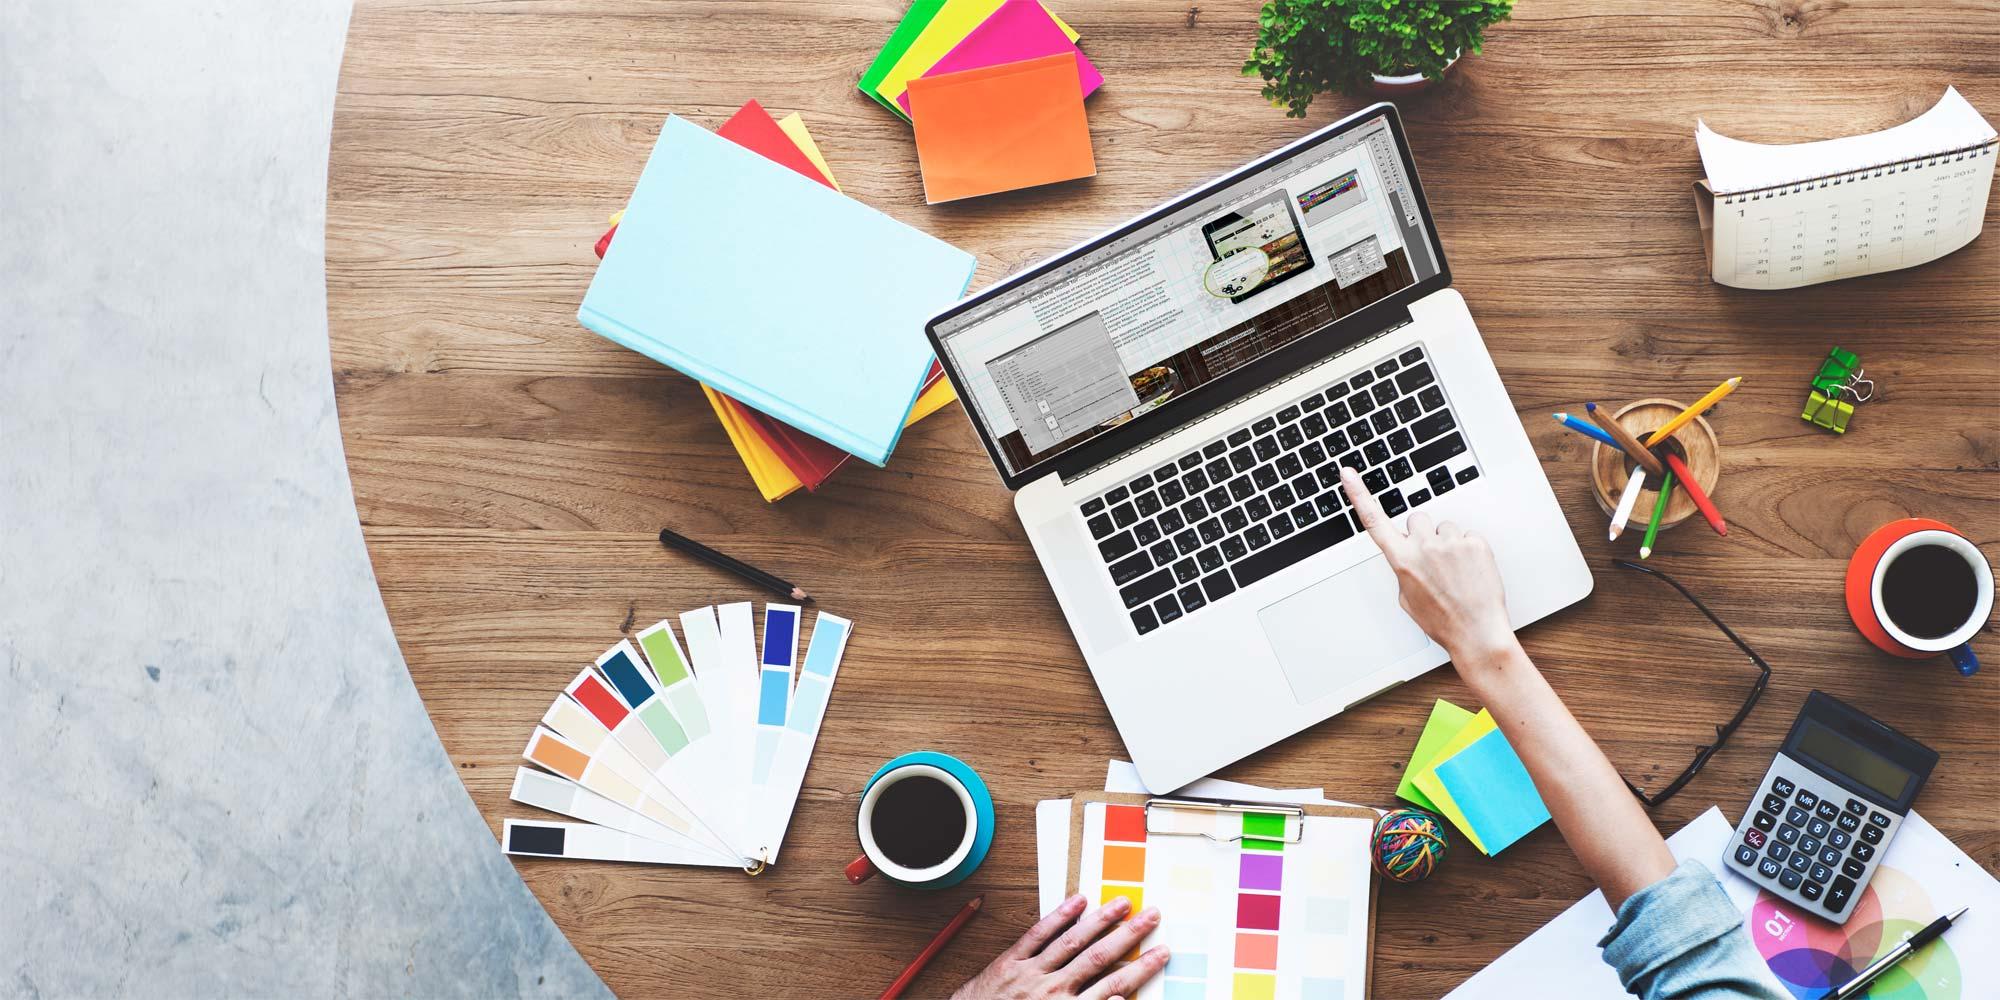 Membuat Website Gratis dengan Mudah untuk Pemula